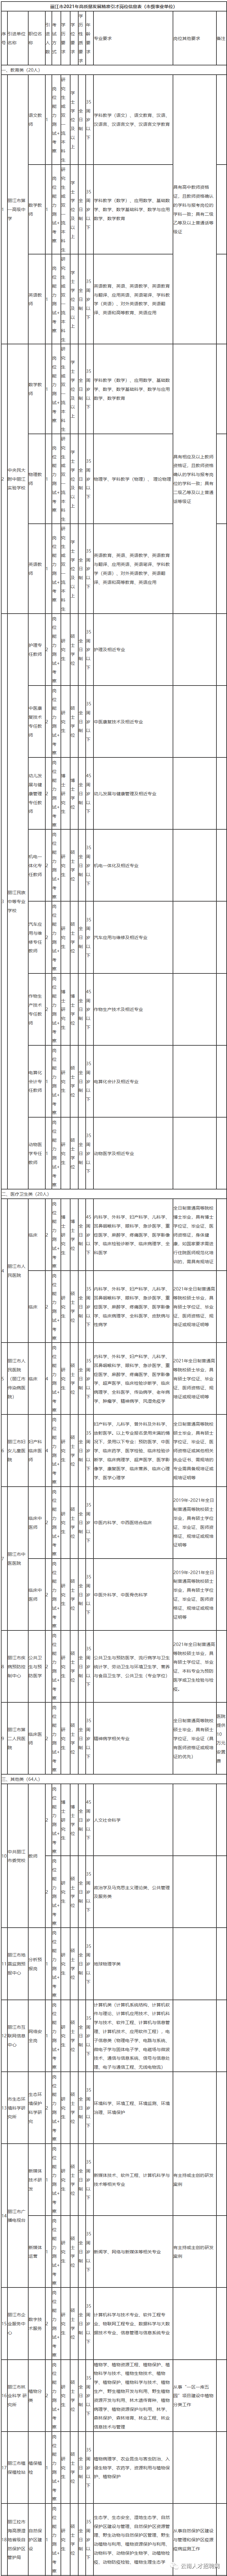 丽江市精准引才.png